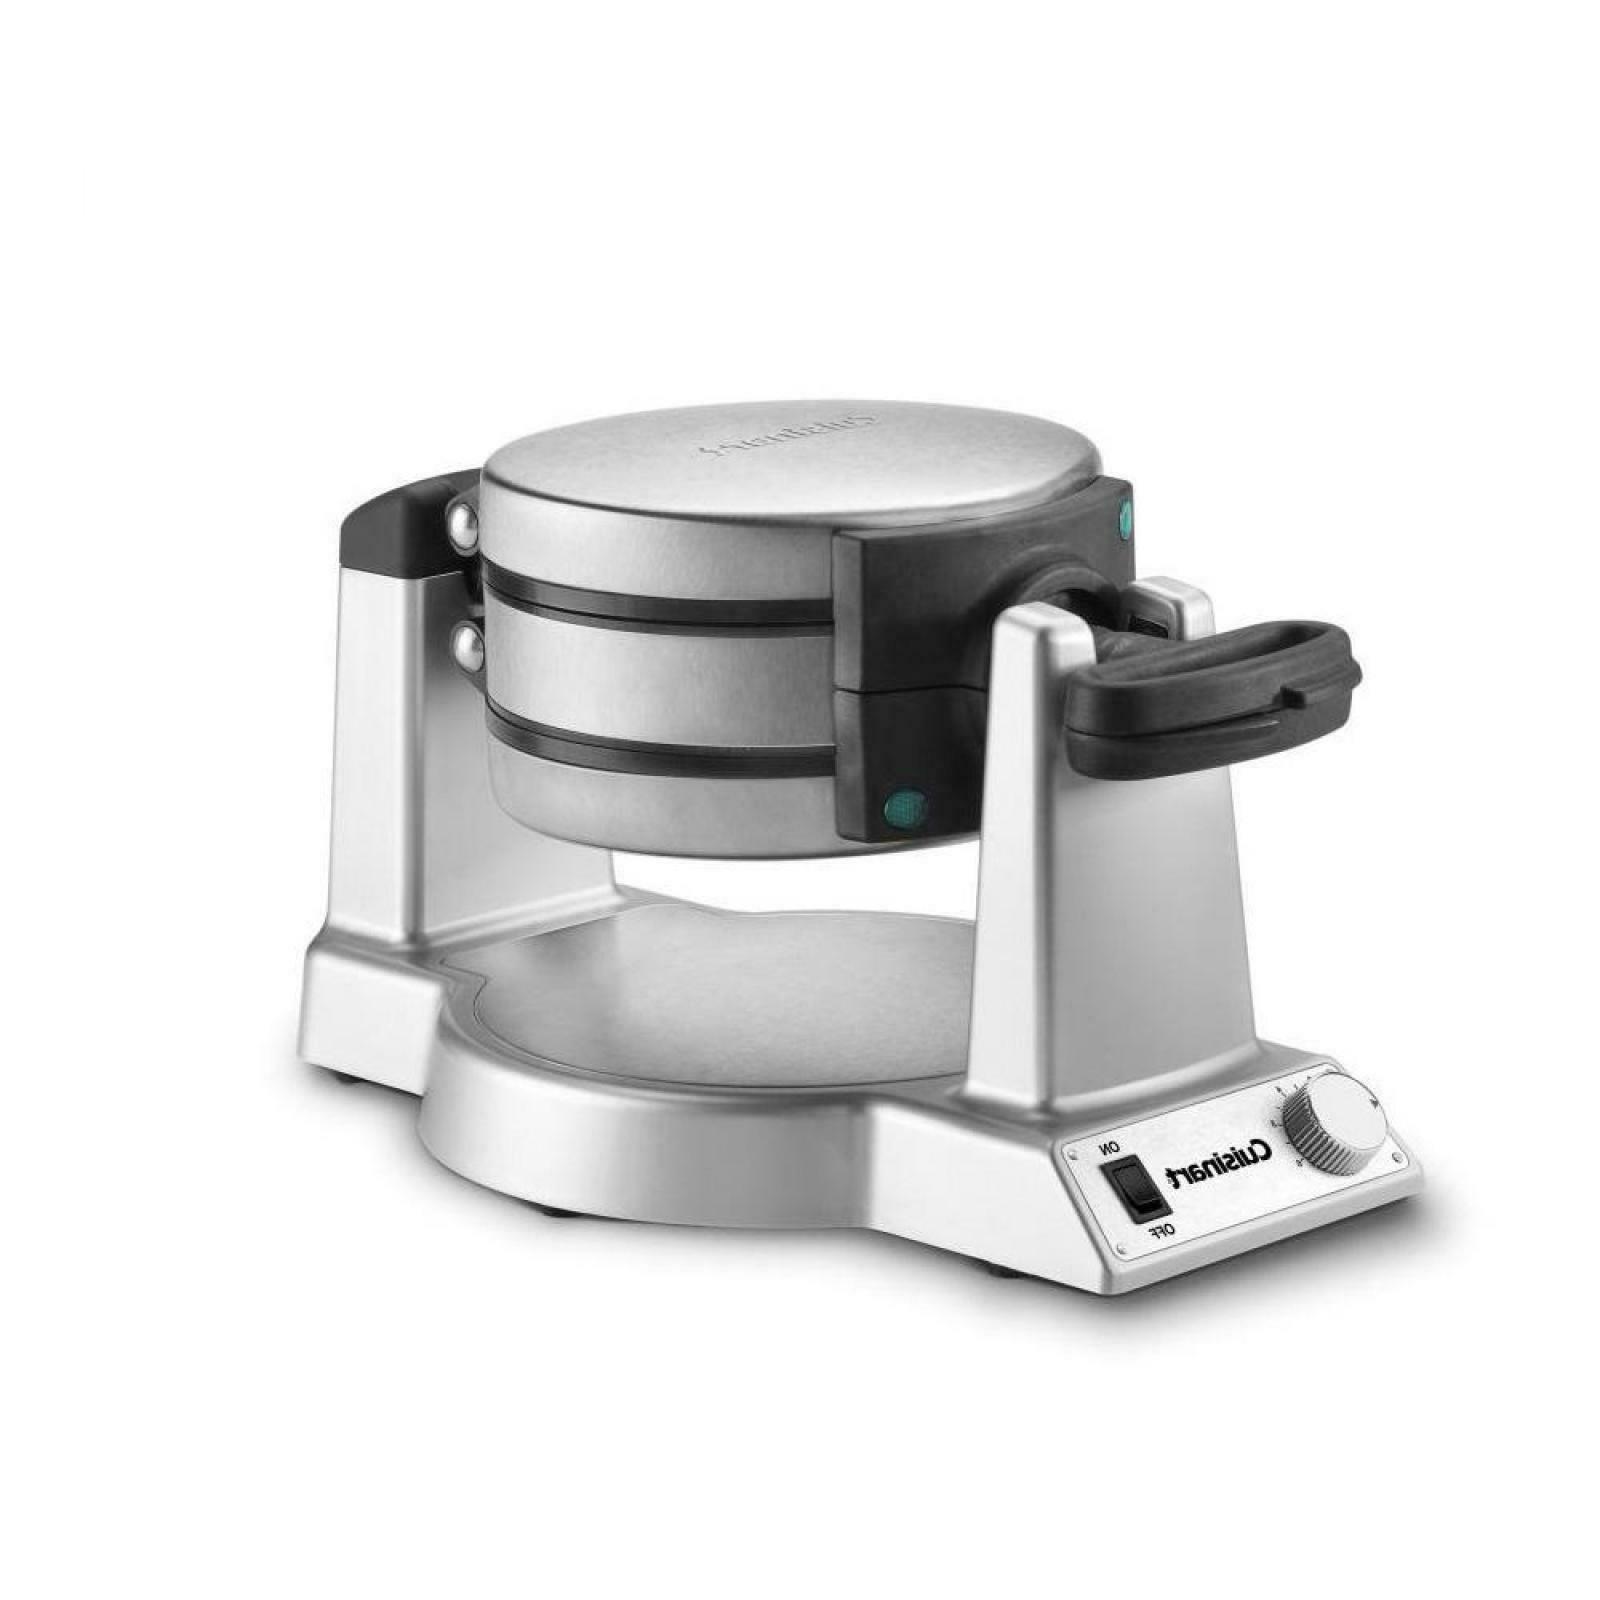 Cuisinart 2-Waffle Stainless Steel Flip Belgian Waffle Maker